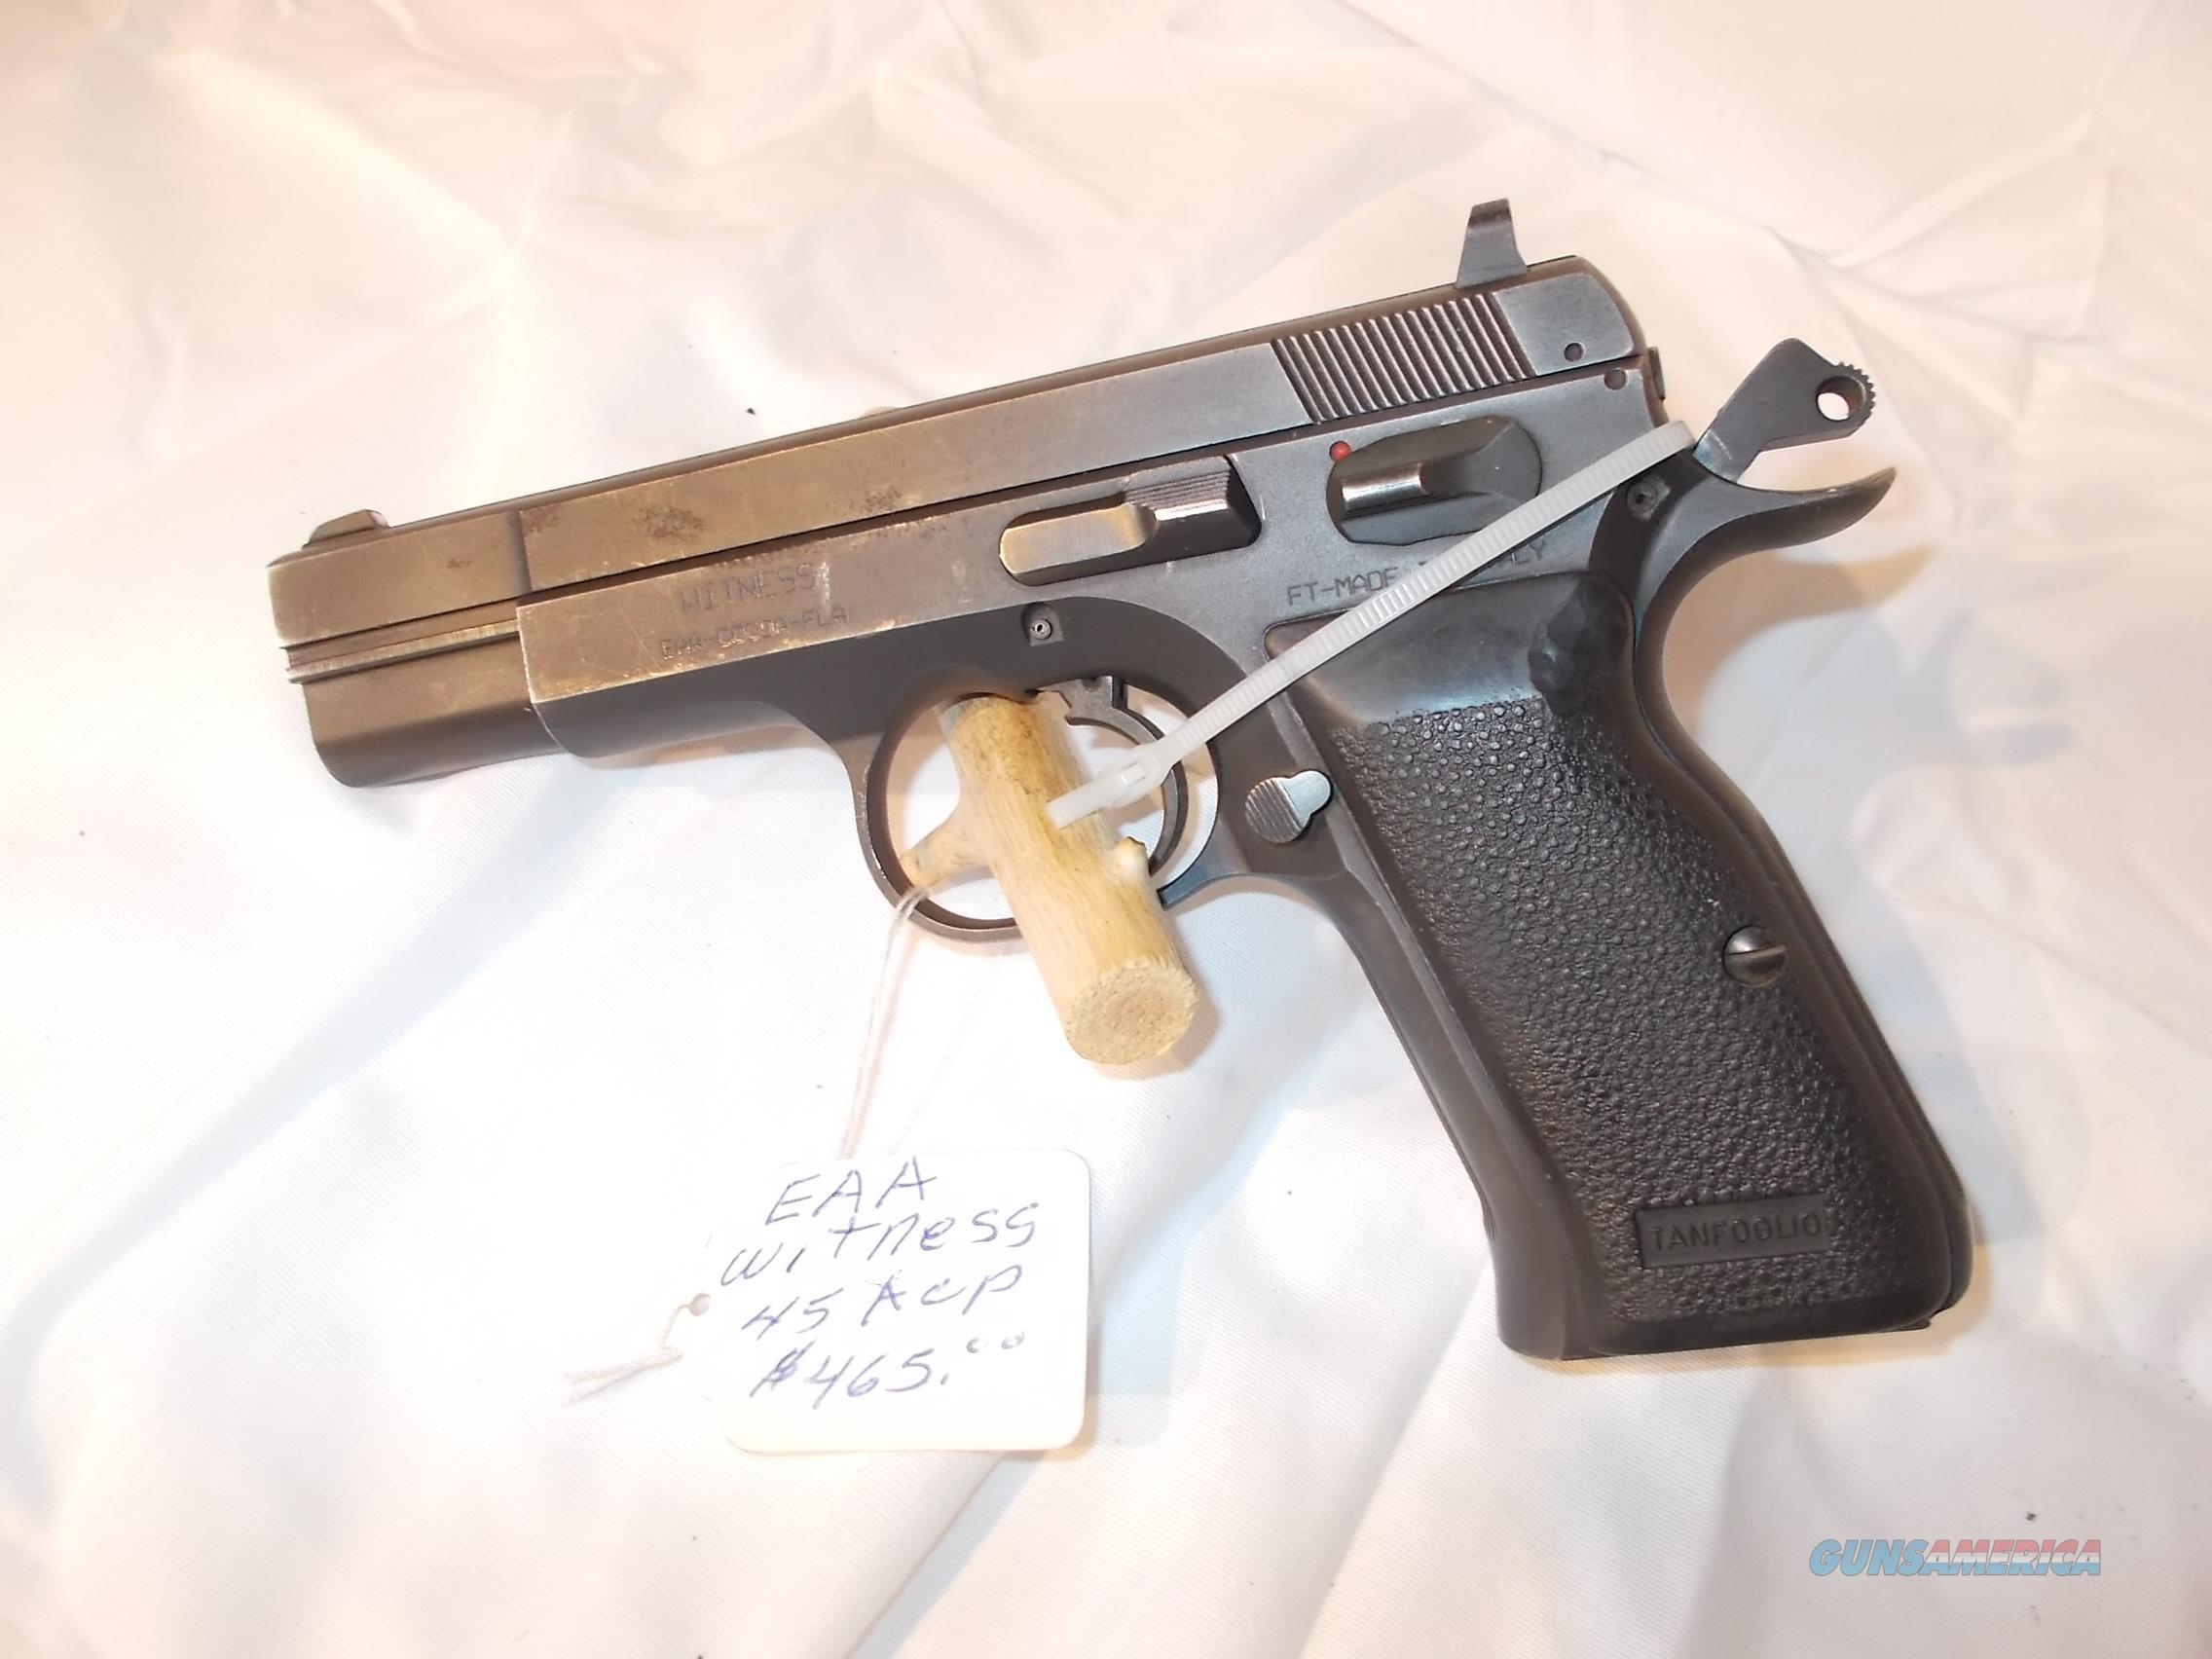 EAA witness 45 acp double/single action  Guns > Pistols > EAA Pistols > Other